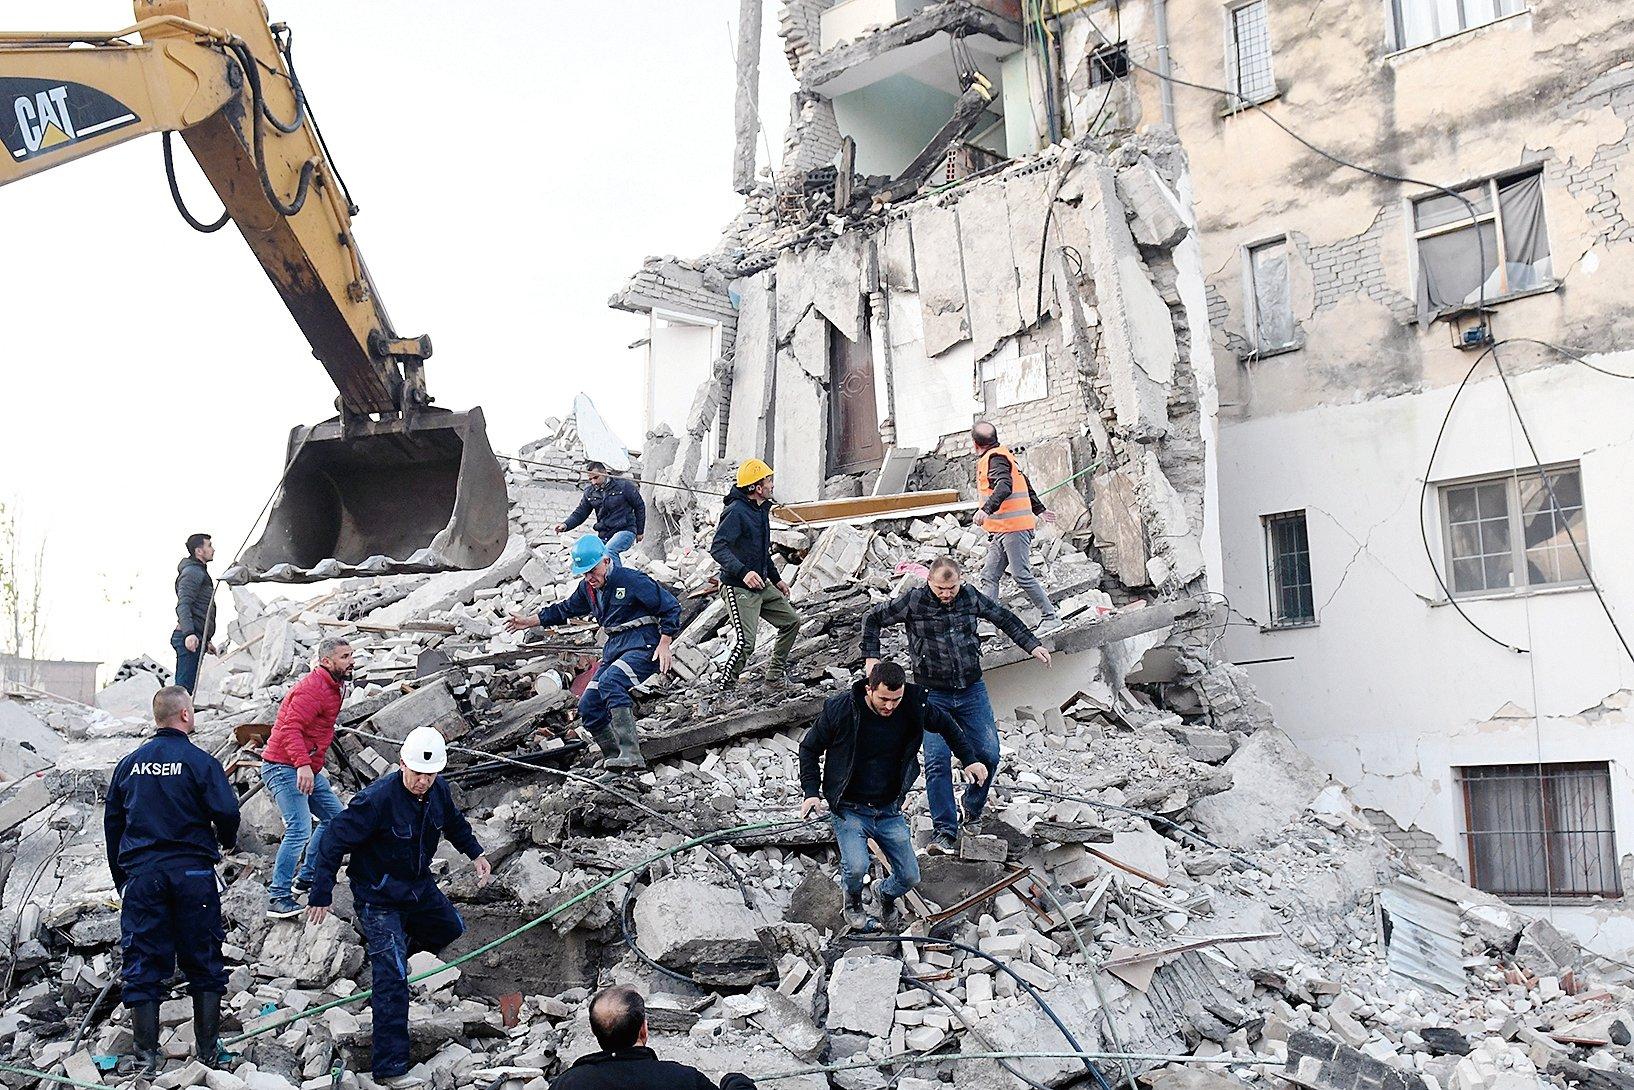 11 月26 日,阿爾巴尼亞發生30年來最強地震,規模6.4 級,目前至少14 人死600多人傷。(AFP)